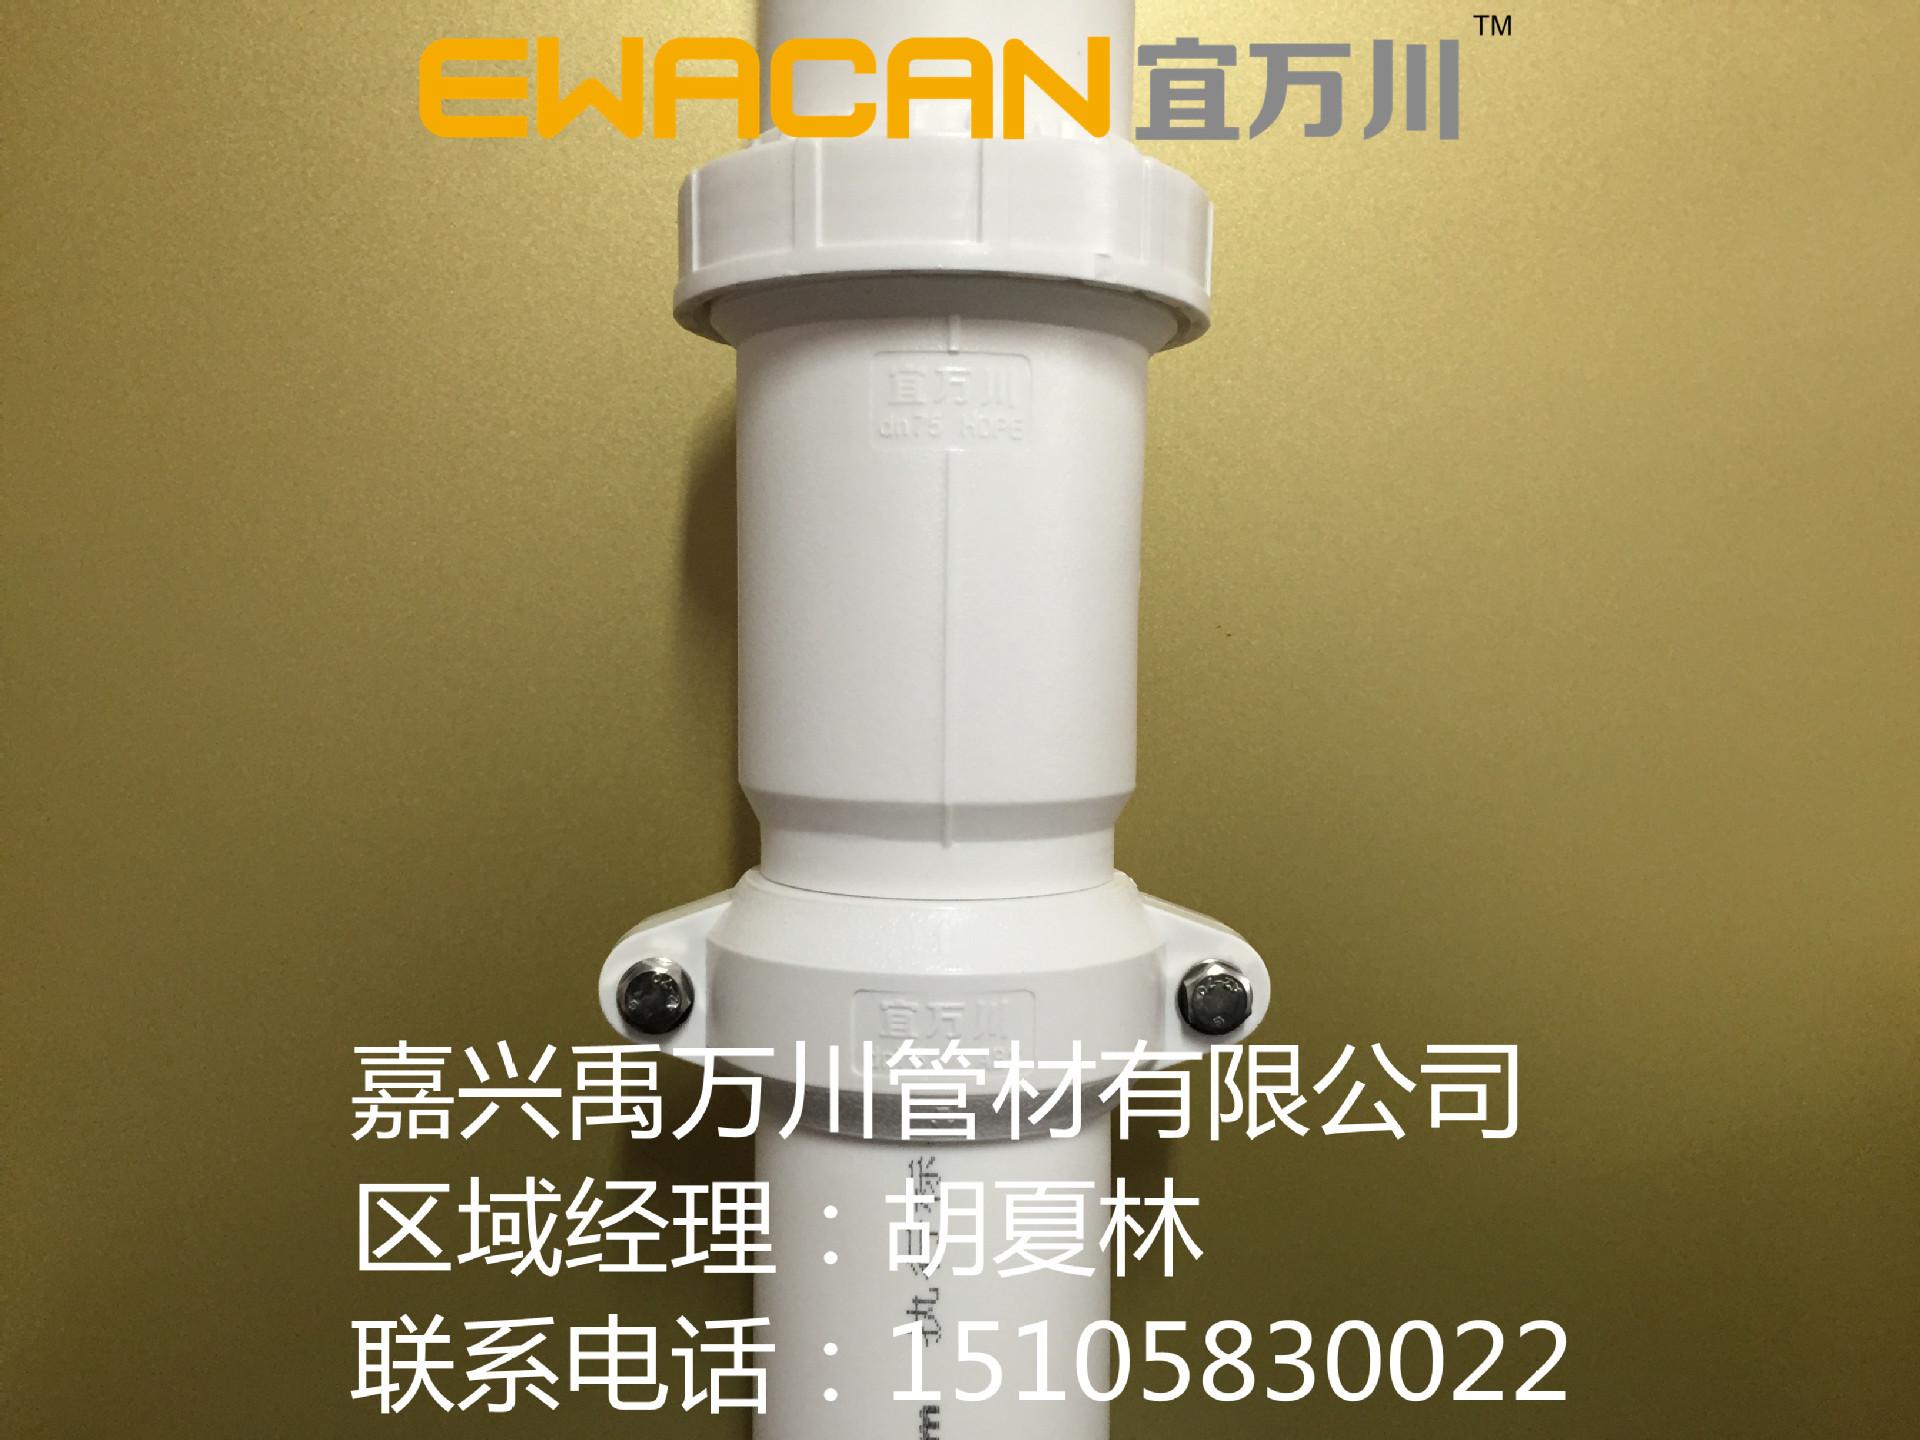 hdpe沟槽式静音排水管,FRPP法兰静音排水管,沟槽PE管,PP管示例图4